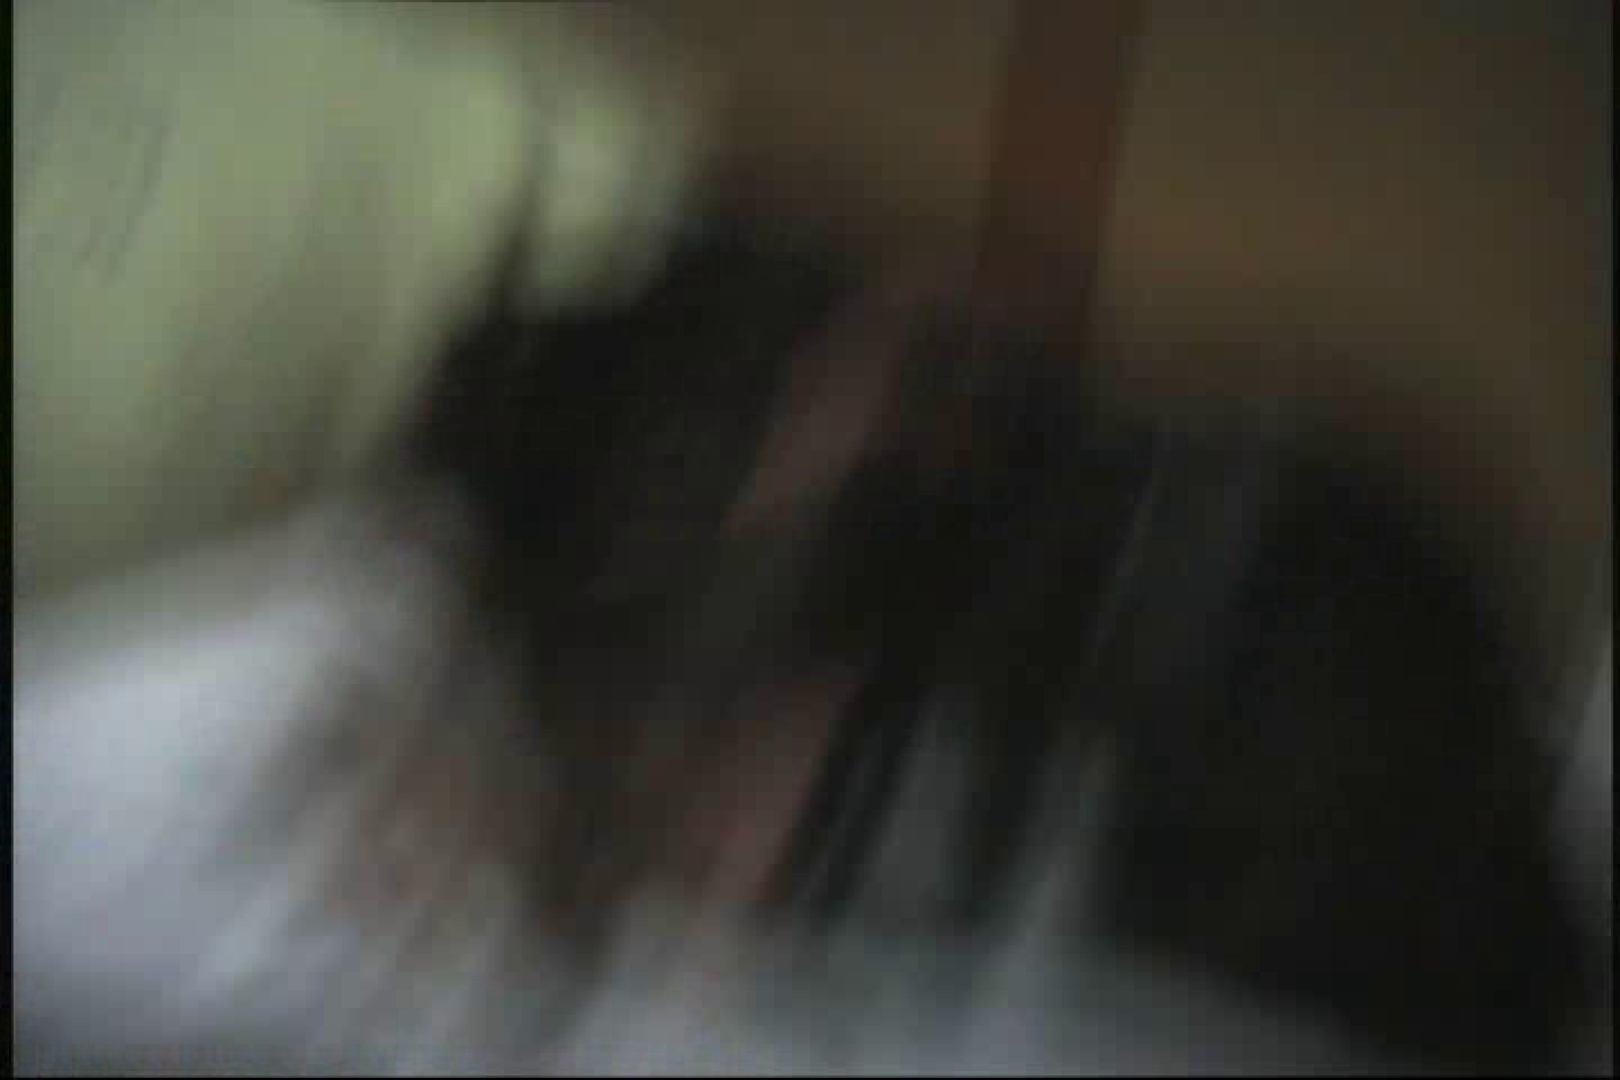 いっくんの調教シリーズ「未亡人みずほ27歳市役所職員」Vol.7 ローター  80連発 60